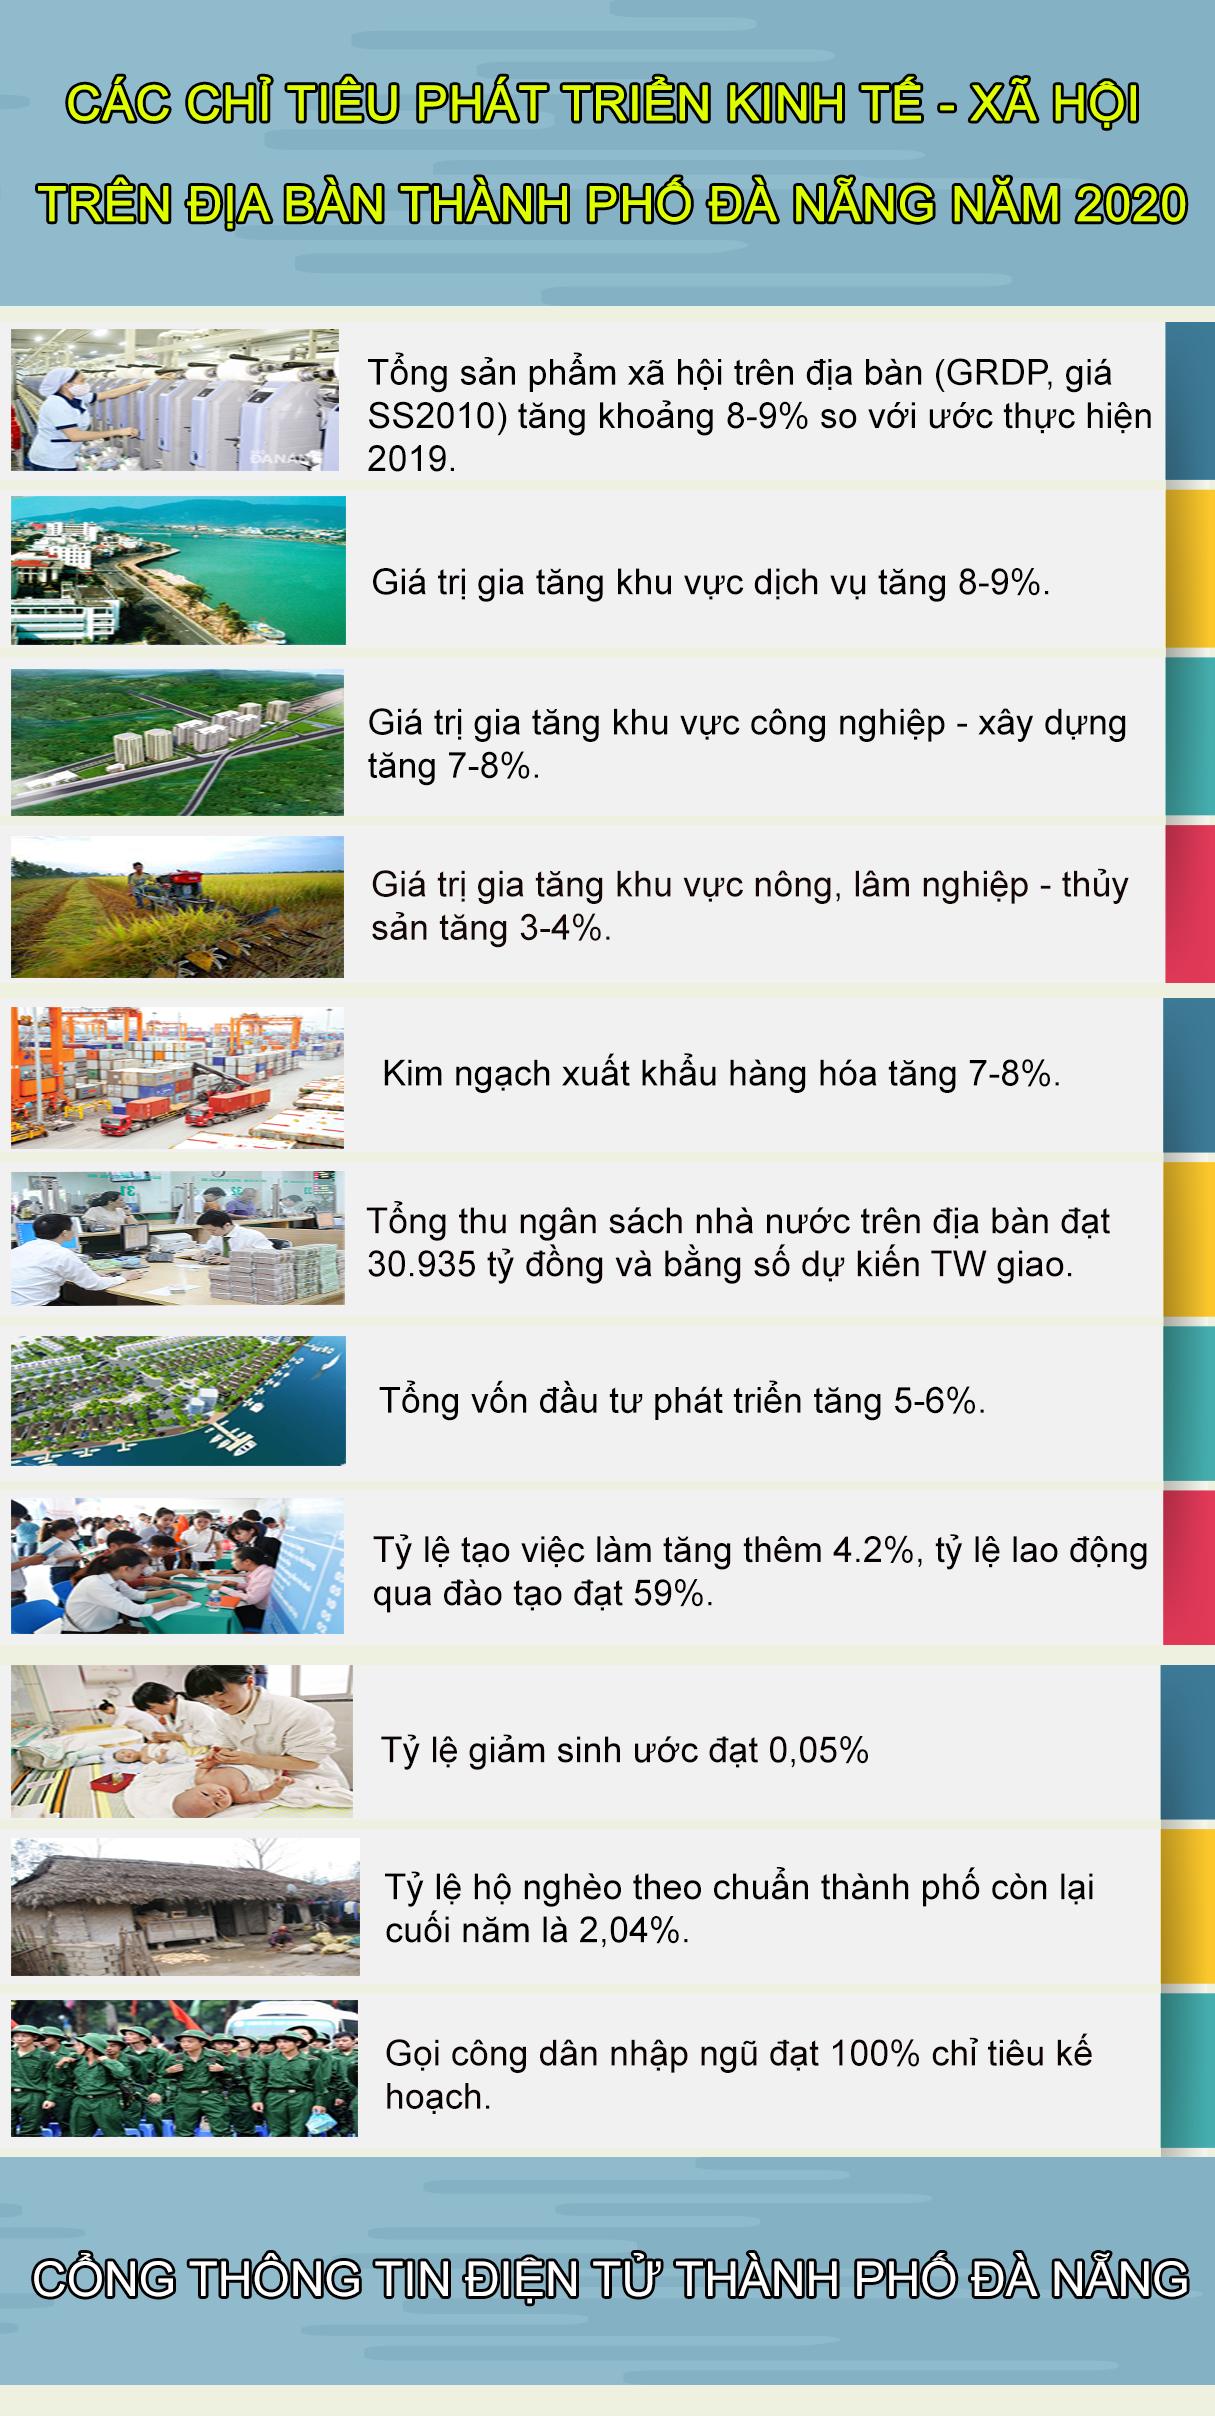 infographic da nang dat muc tieu tang truong grdp nam 2020 tu 8 9